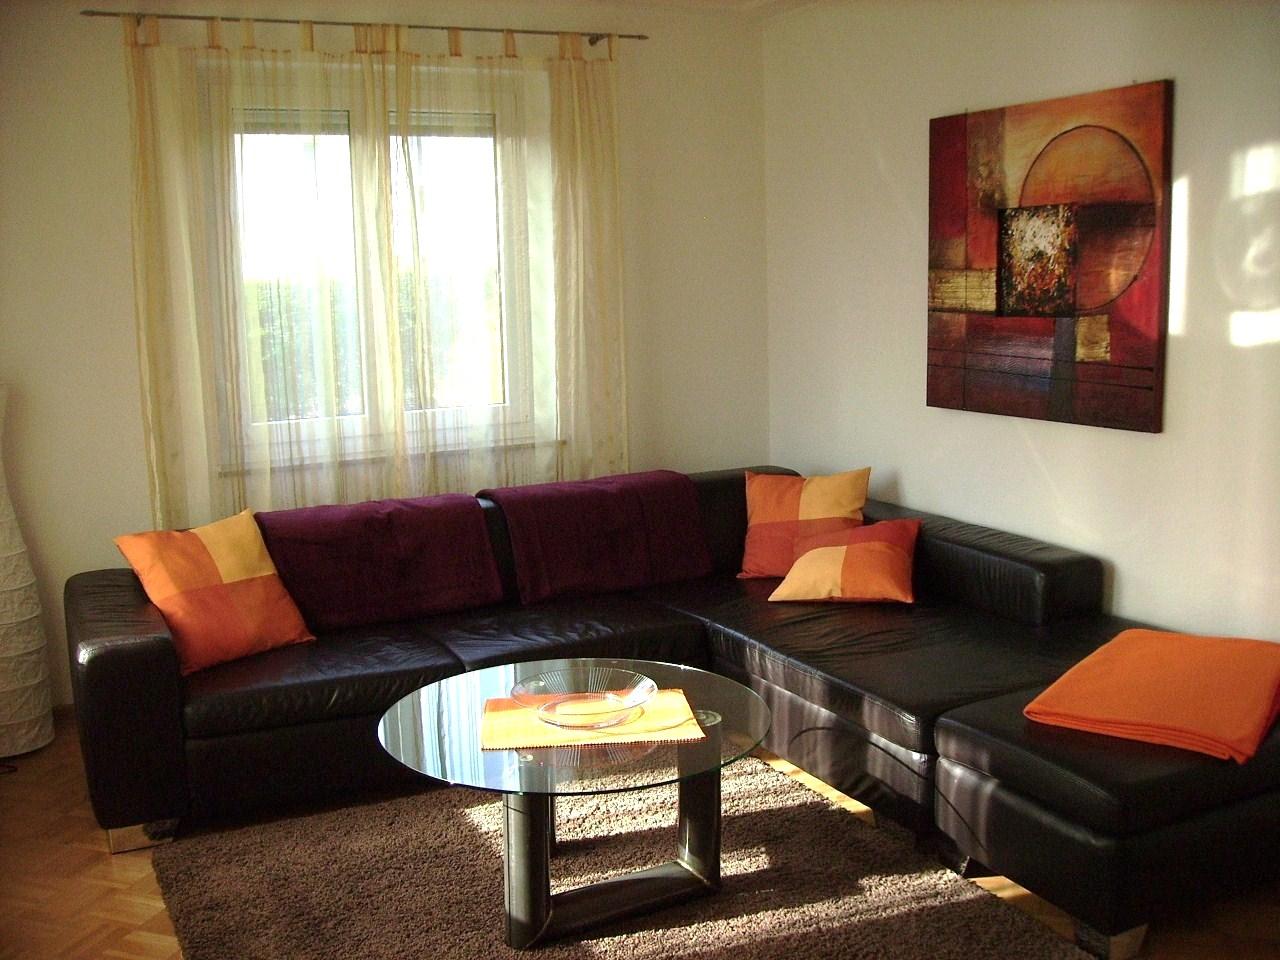 Die Anordnung Der Leuchten Wandbehnge Und Sofas Spielt Auch Eine Entscheidende Rolle Fr Das Modell Minimalistischen Wohnzimmer